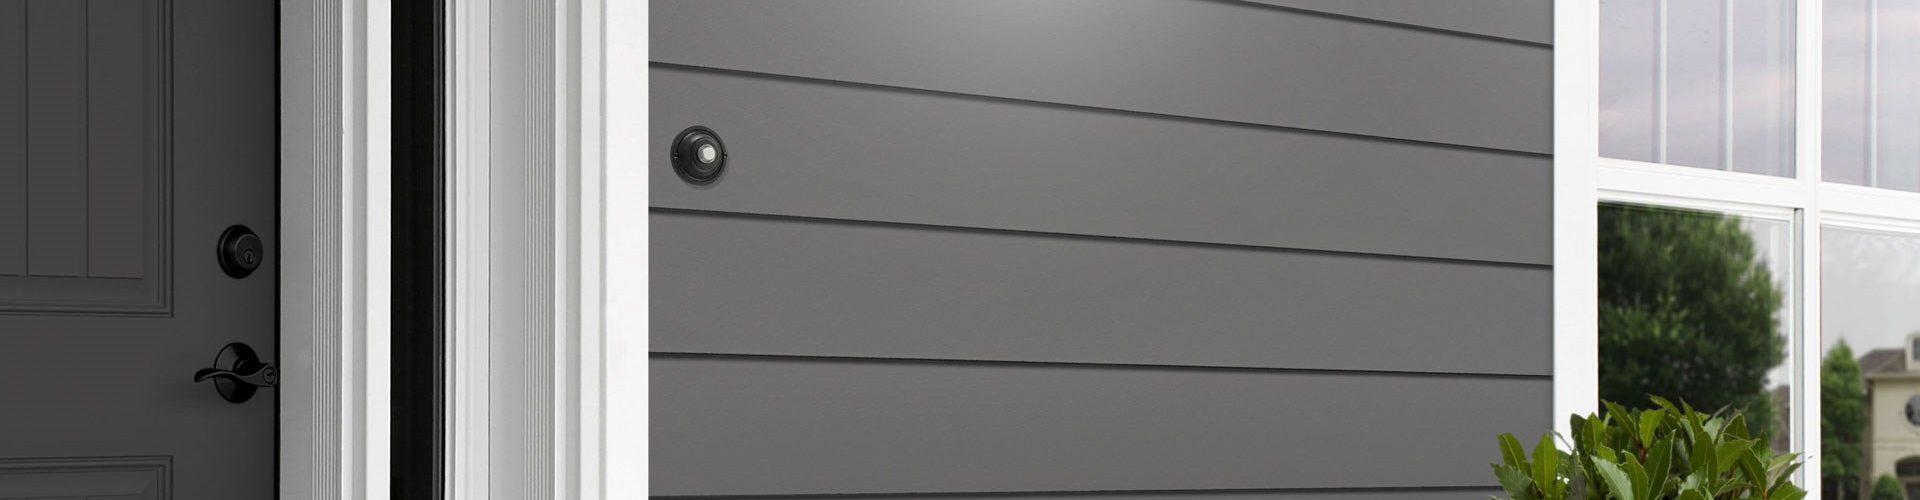 Cedral Classic C54 Antratsiit - ülekattega sile voodrilaud